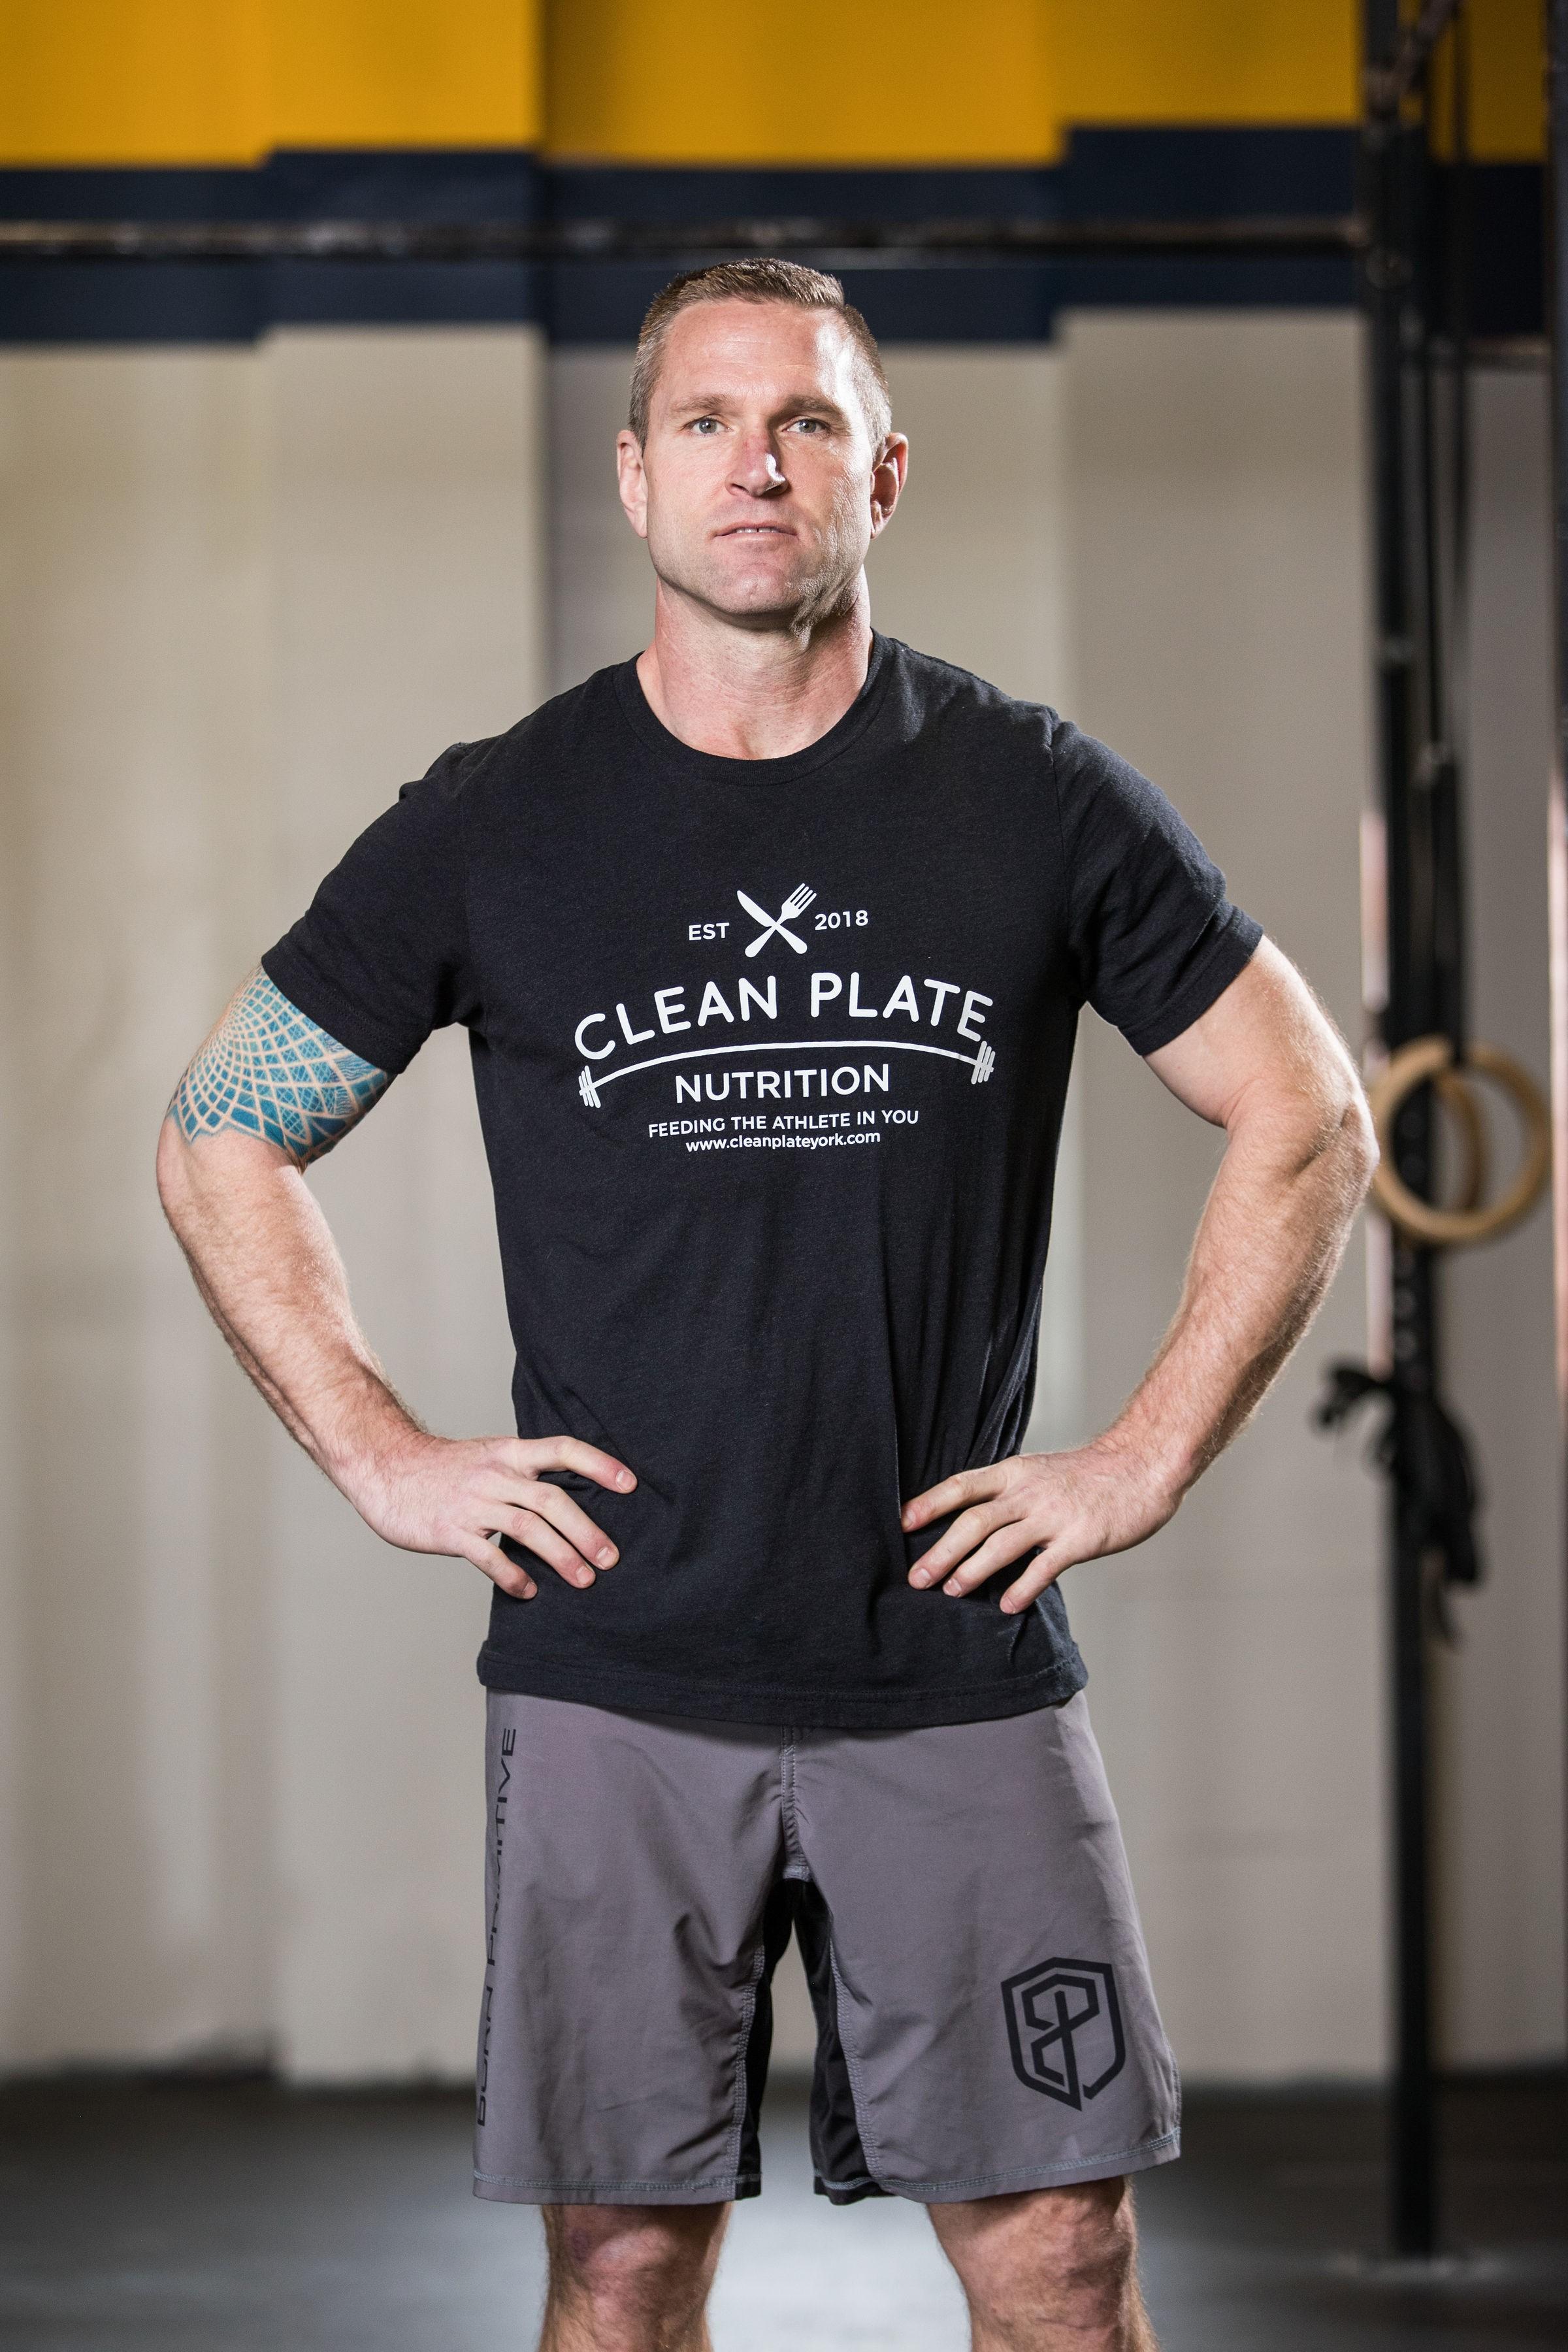 Clean Plate T-shirt